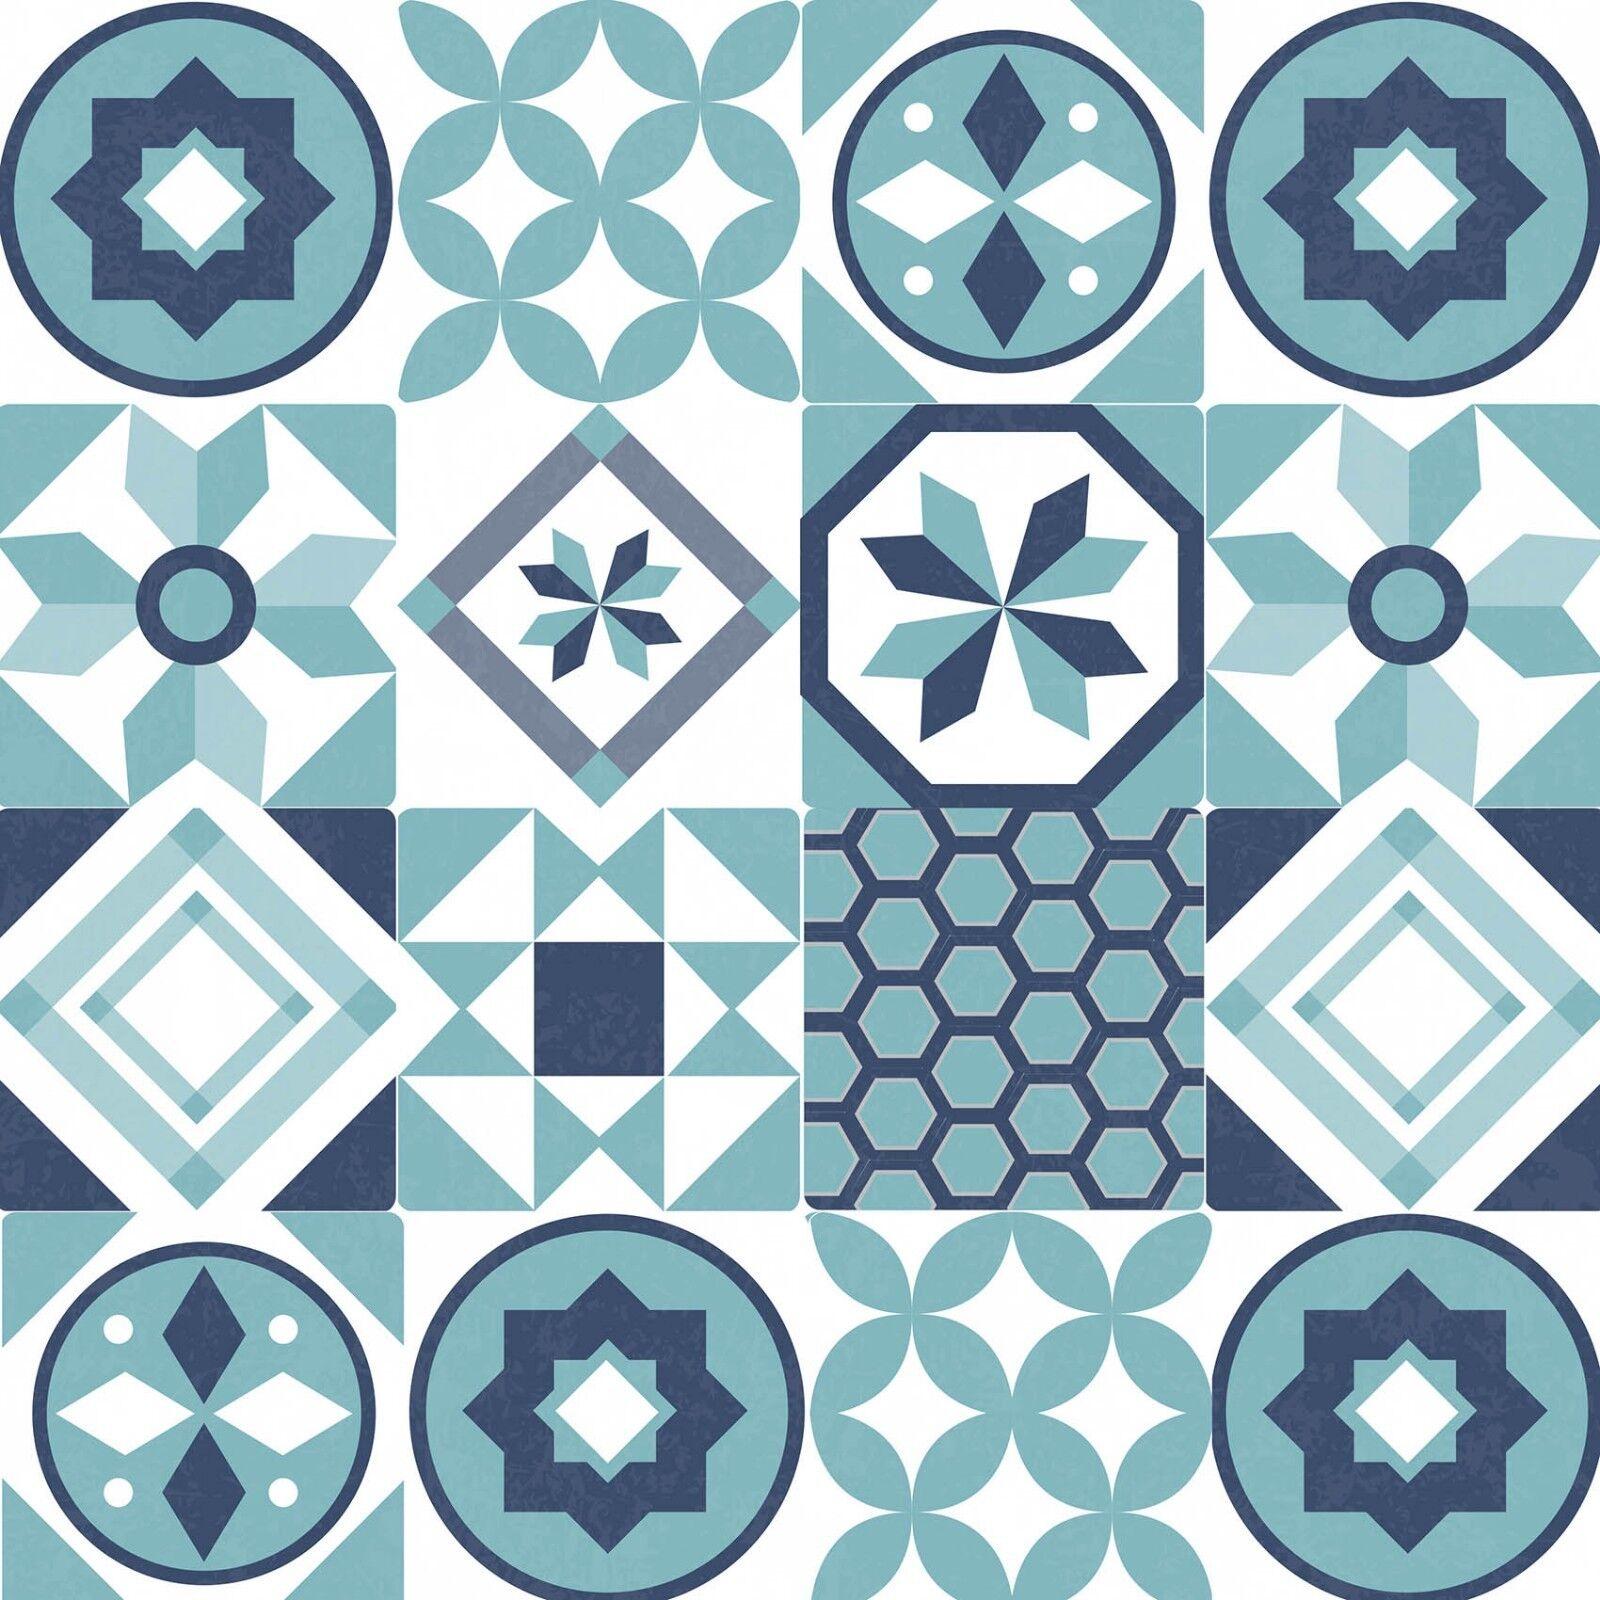 Patrón Floral popular popular popular 3D 53 Impresión De Pared De Papel De Pared Calcomanía Decoración De Pared Murales Interior 4c55b1